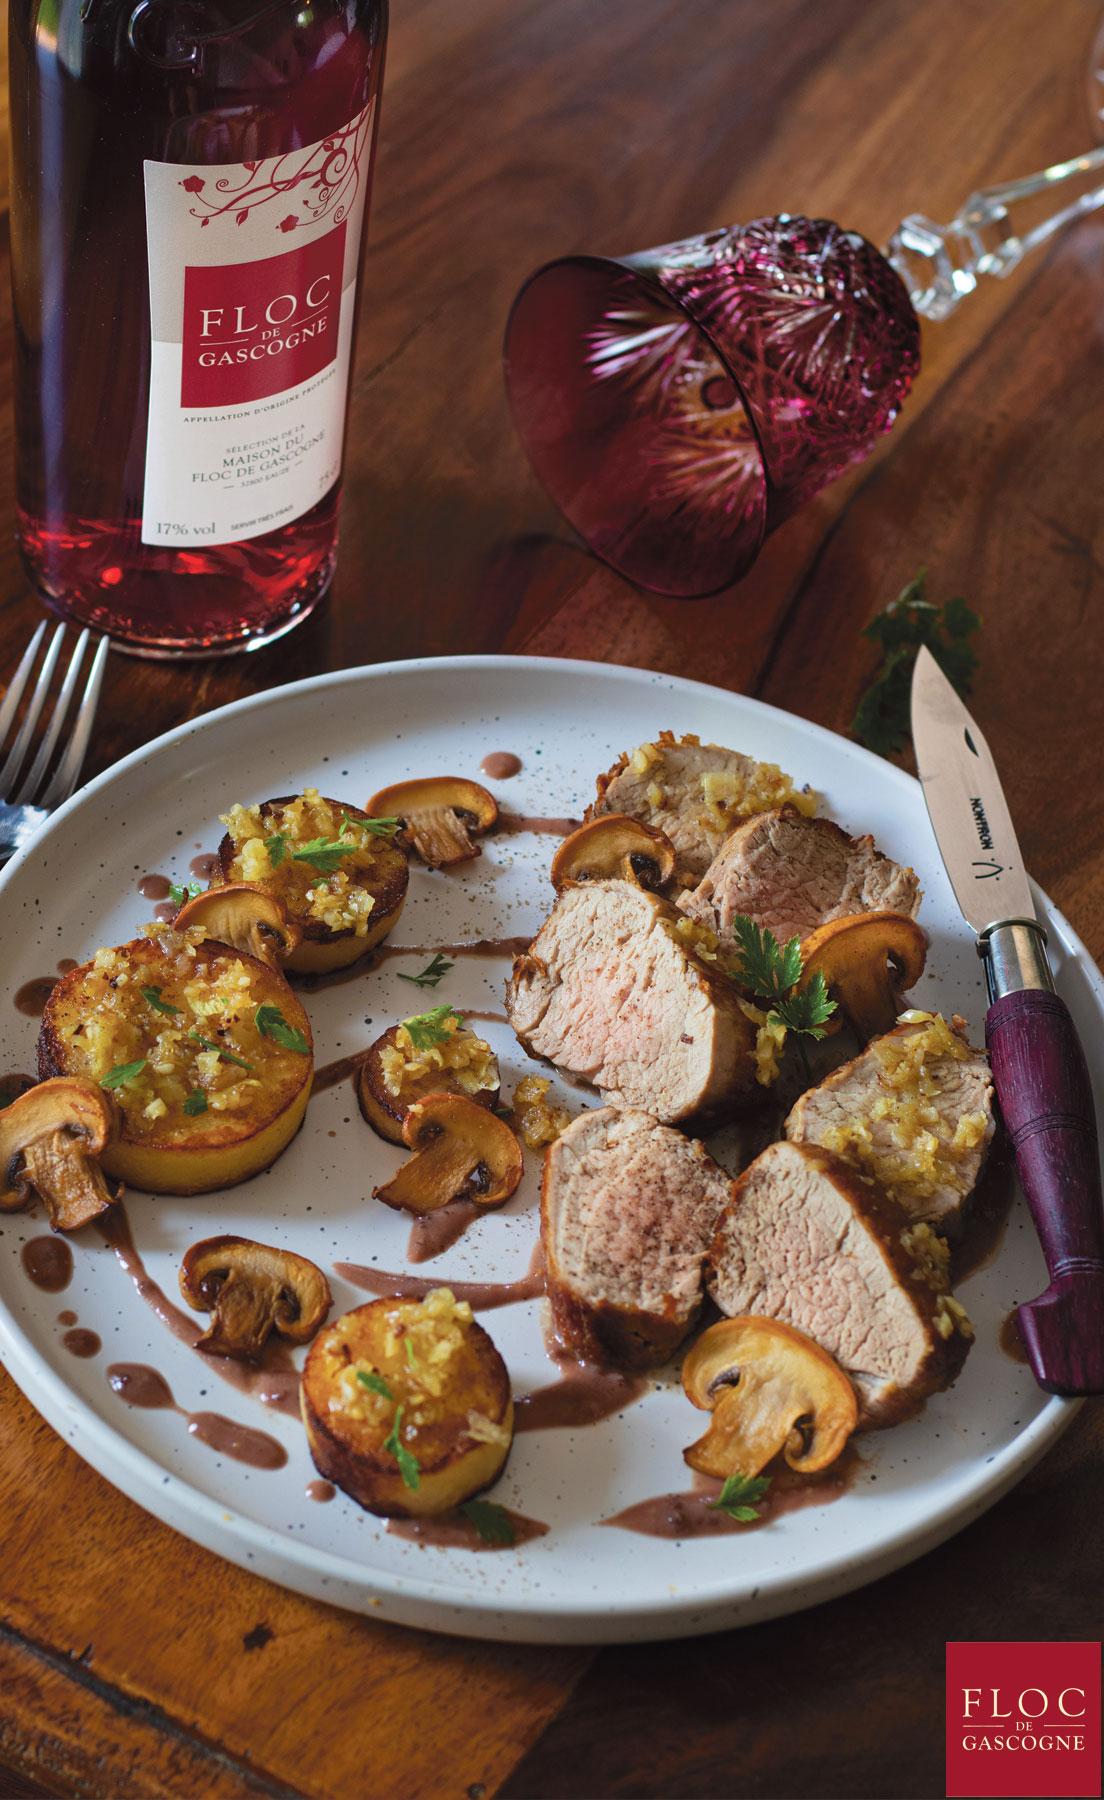 Recette de filet de mignon de porc et moutarde Floc-de-Gascogne